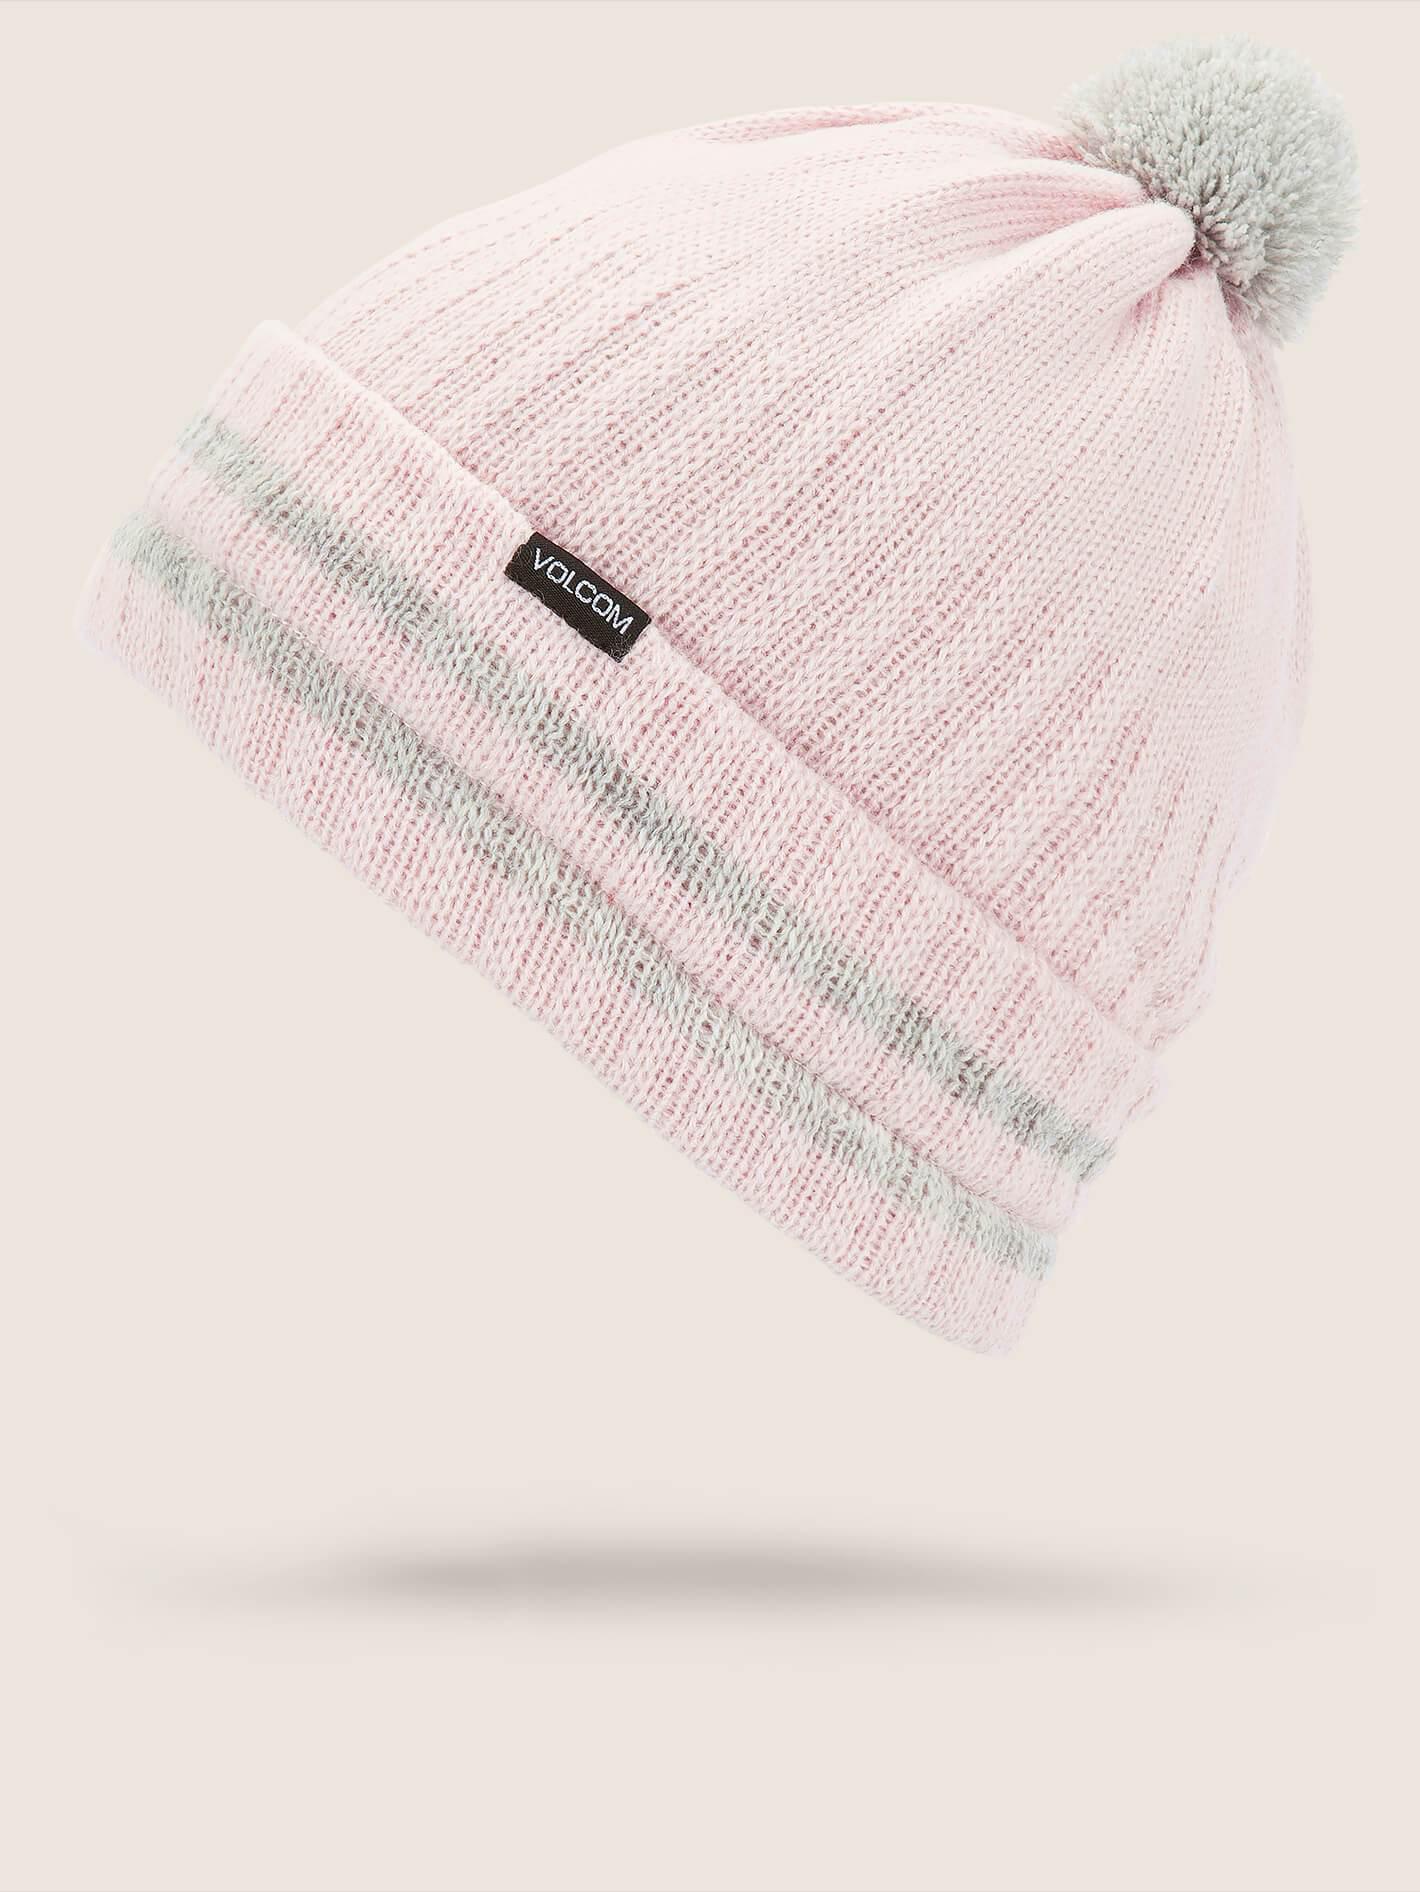 21b550d3815 Lyst - Volcom Wiltern Beanie in Pink